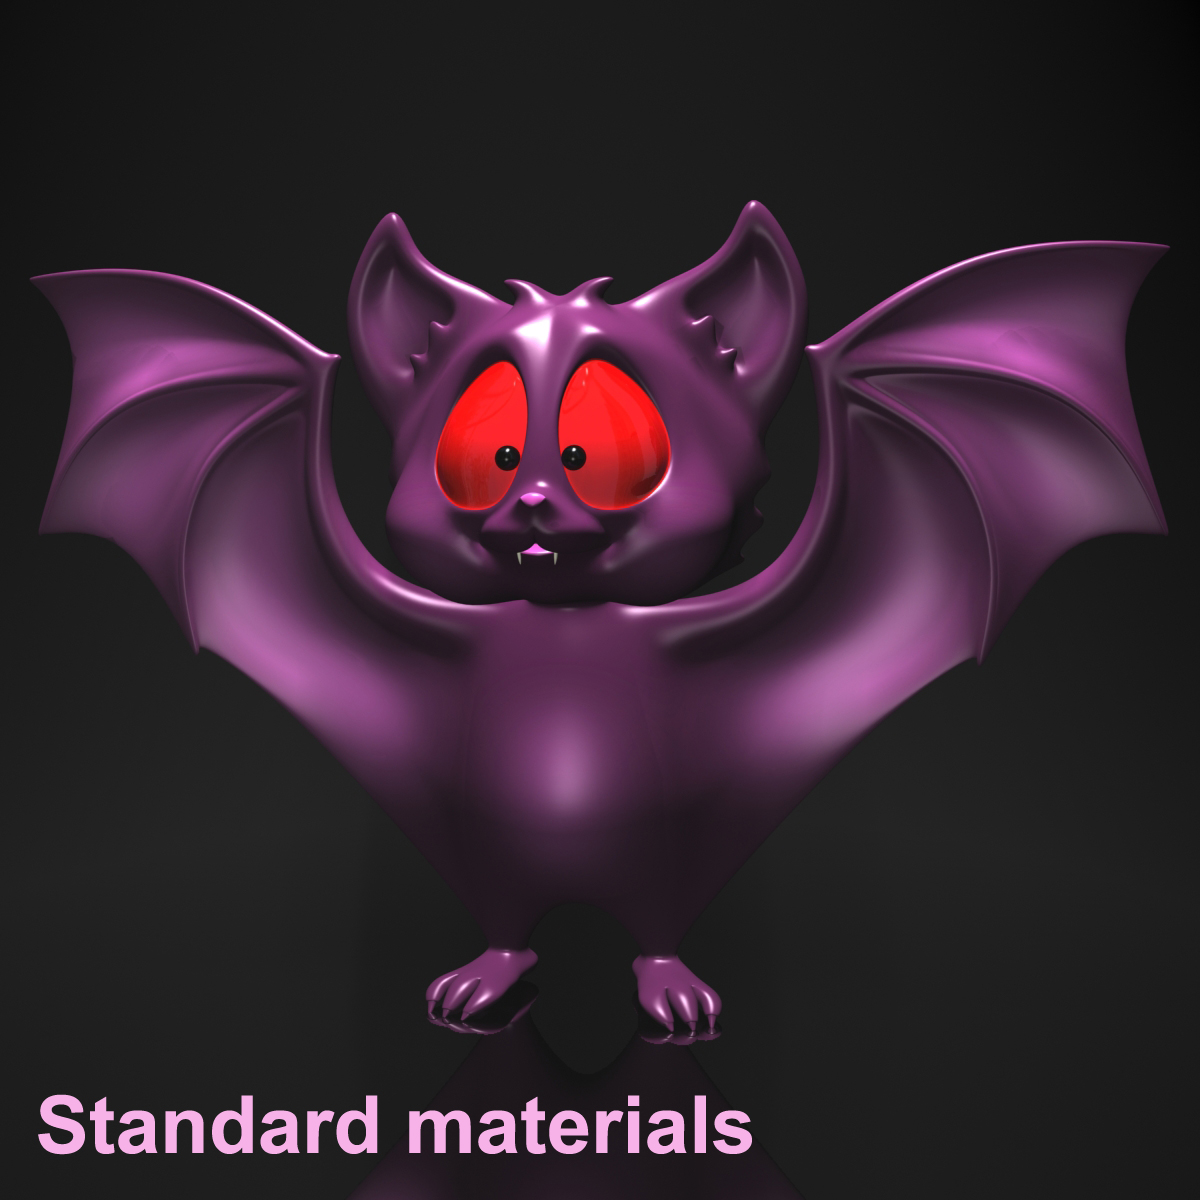 karikatūra sikspārnis rigged un animācijas 3d modelis 3ds max fbx obj 218279